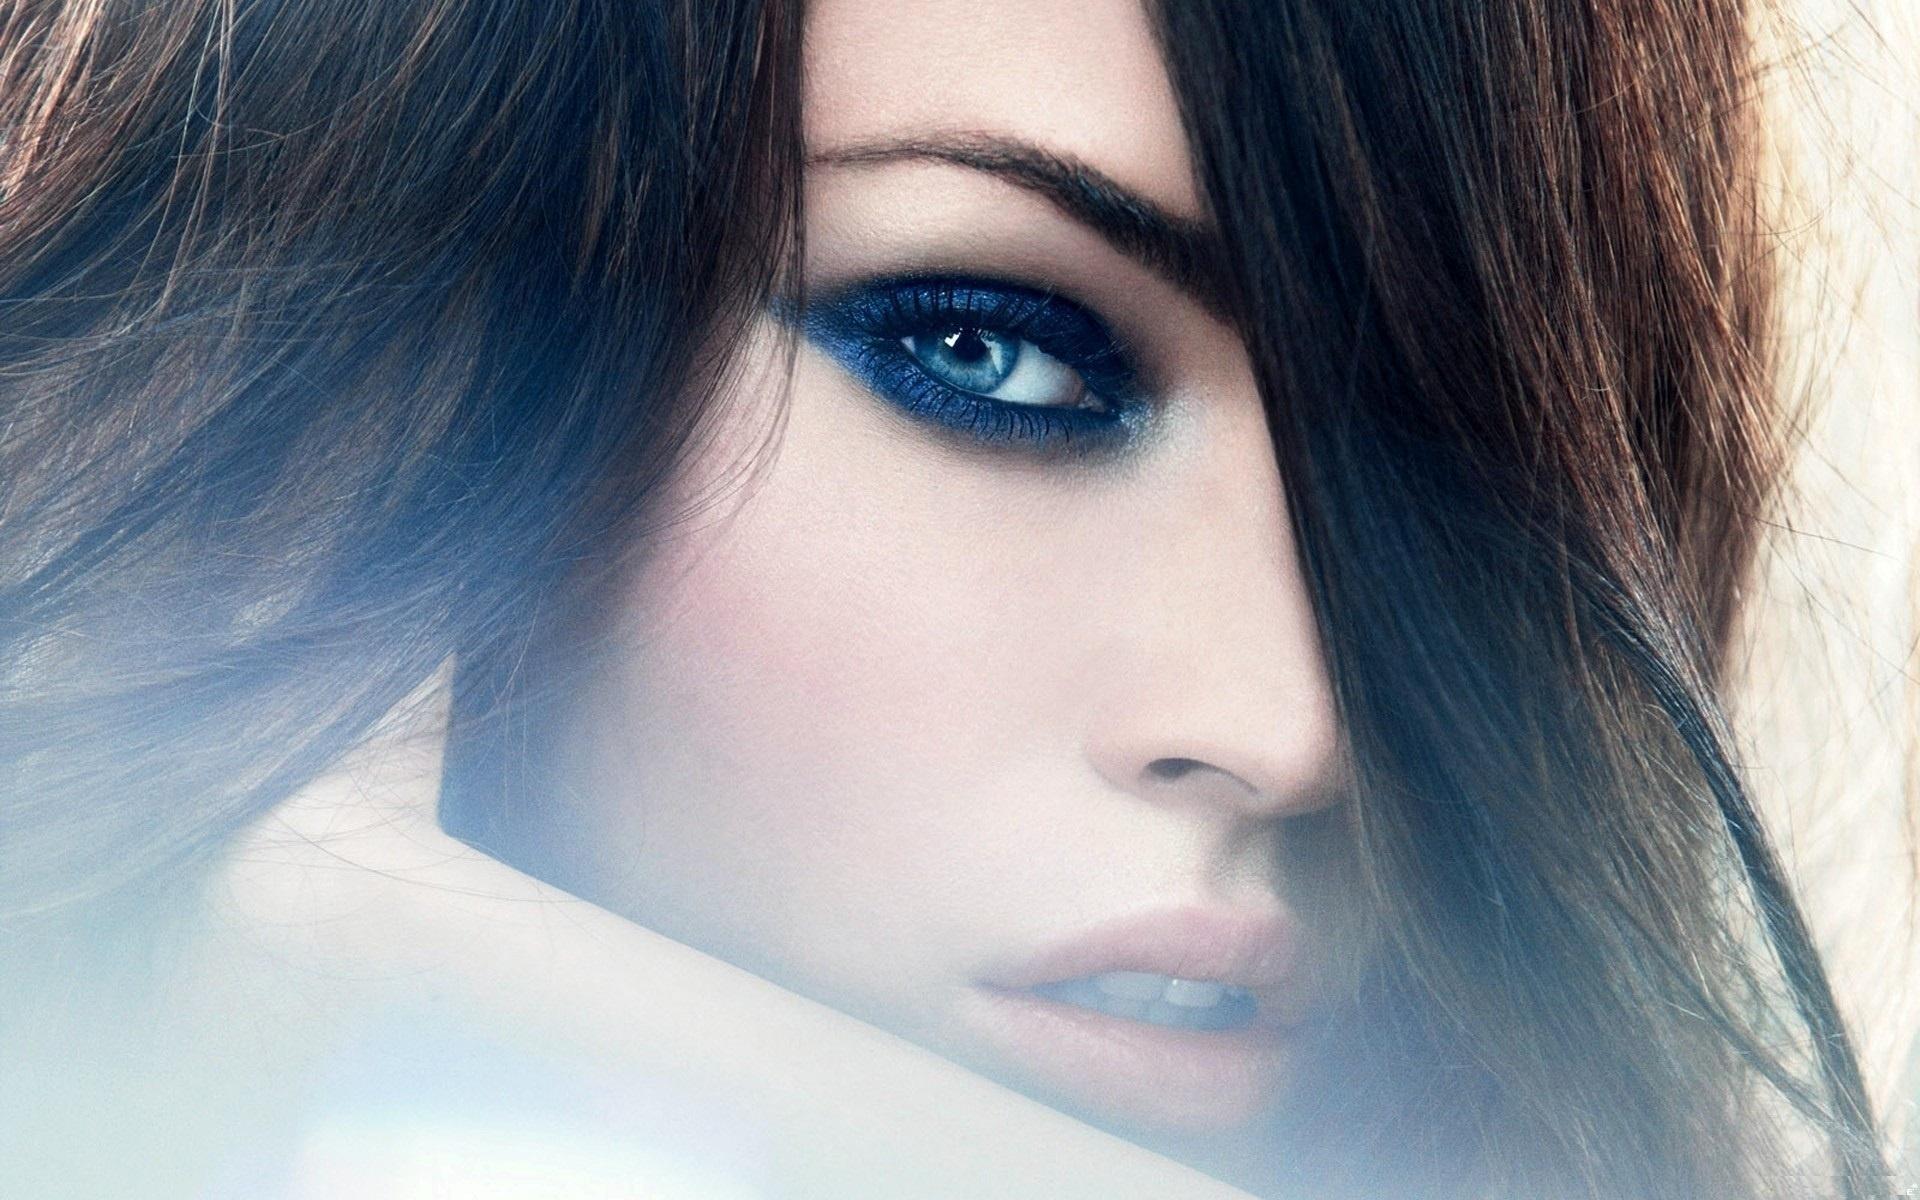 красивые картинки глаза голубые на аву гагрского